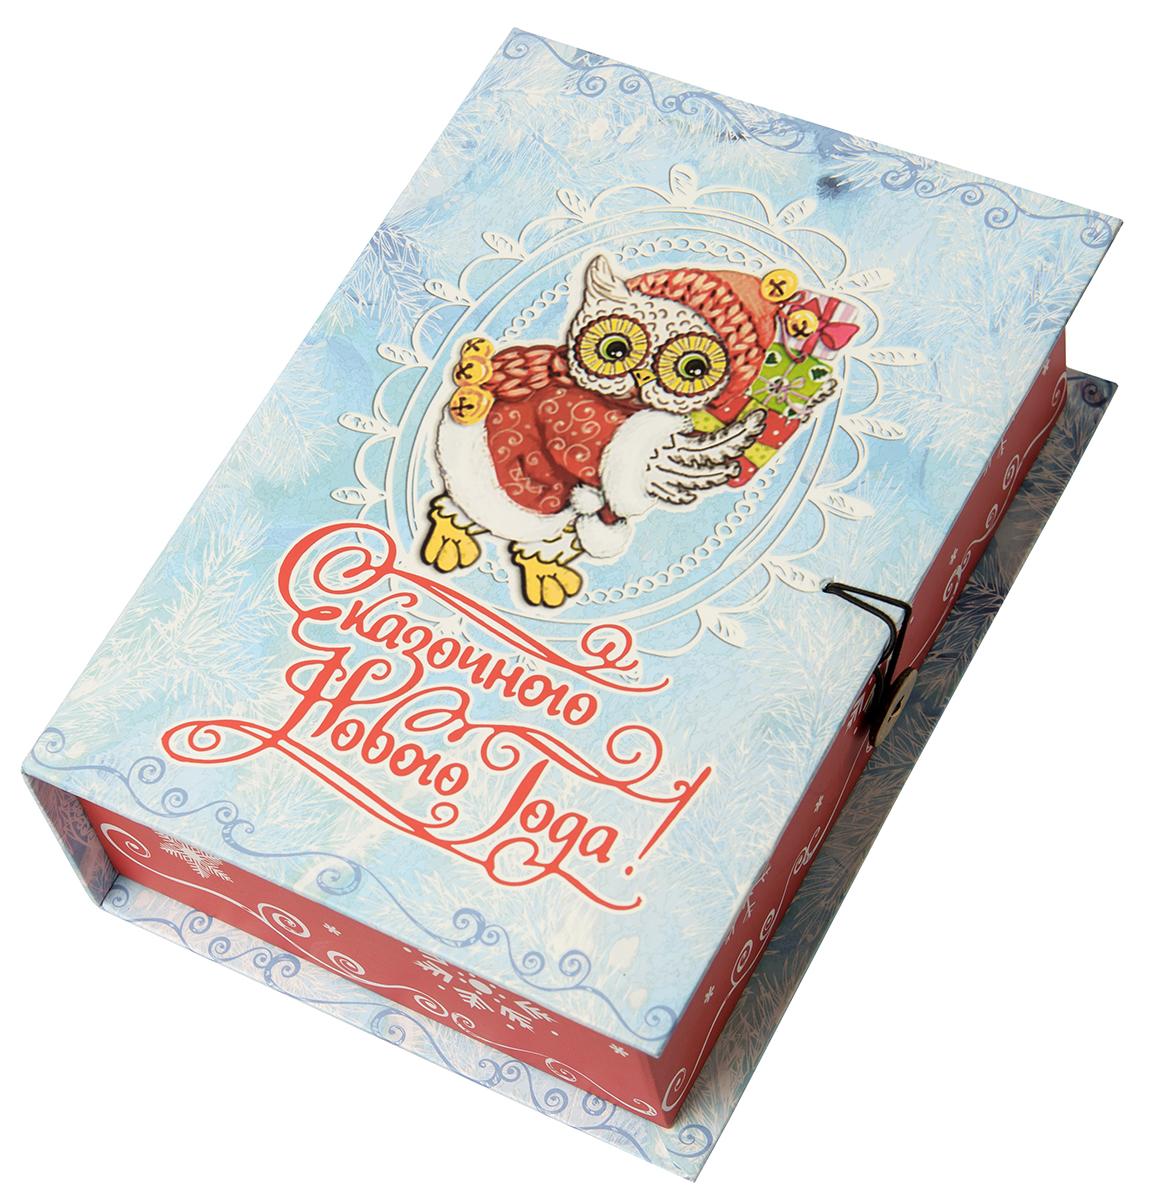 Коробка подарочная Magic Time Новогодняя сова, размер S. 7503675036Подарочная коробка Magic Time, выполненная из мелованного, ламинированного картона, закрывается на пуговицу. Крышка оформлена декоративным рисунком. Подарочная коробка - это наилучшее решение, если вы хотите порадовать ваших близких и создать праздничное настроение, ведь подарок, преподнесенный в оригинальной упаковке, всегда будет самым эффектным и запоминающимся. Окружите близких людей вниманием и заботой, вручив презент в нарядном, праздничном оформлении.Плотность картона: 1100 г/м2.